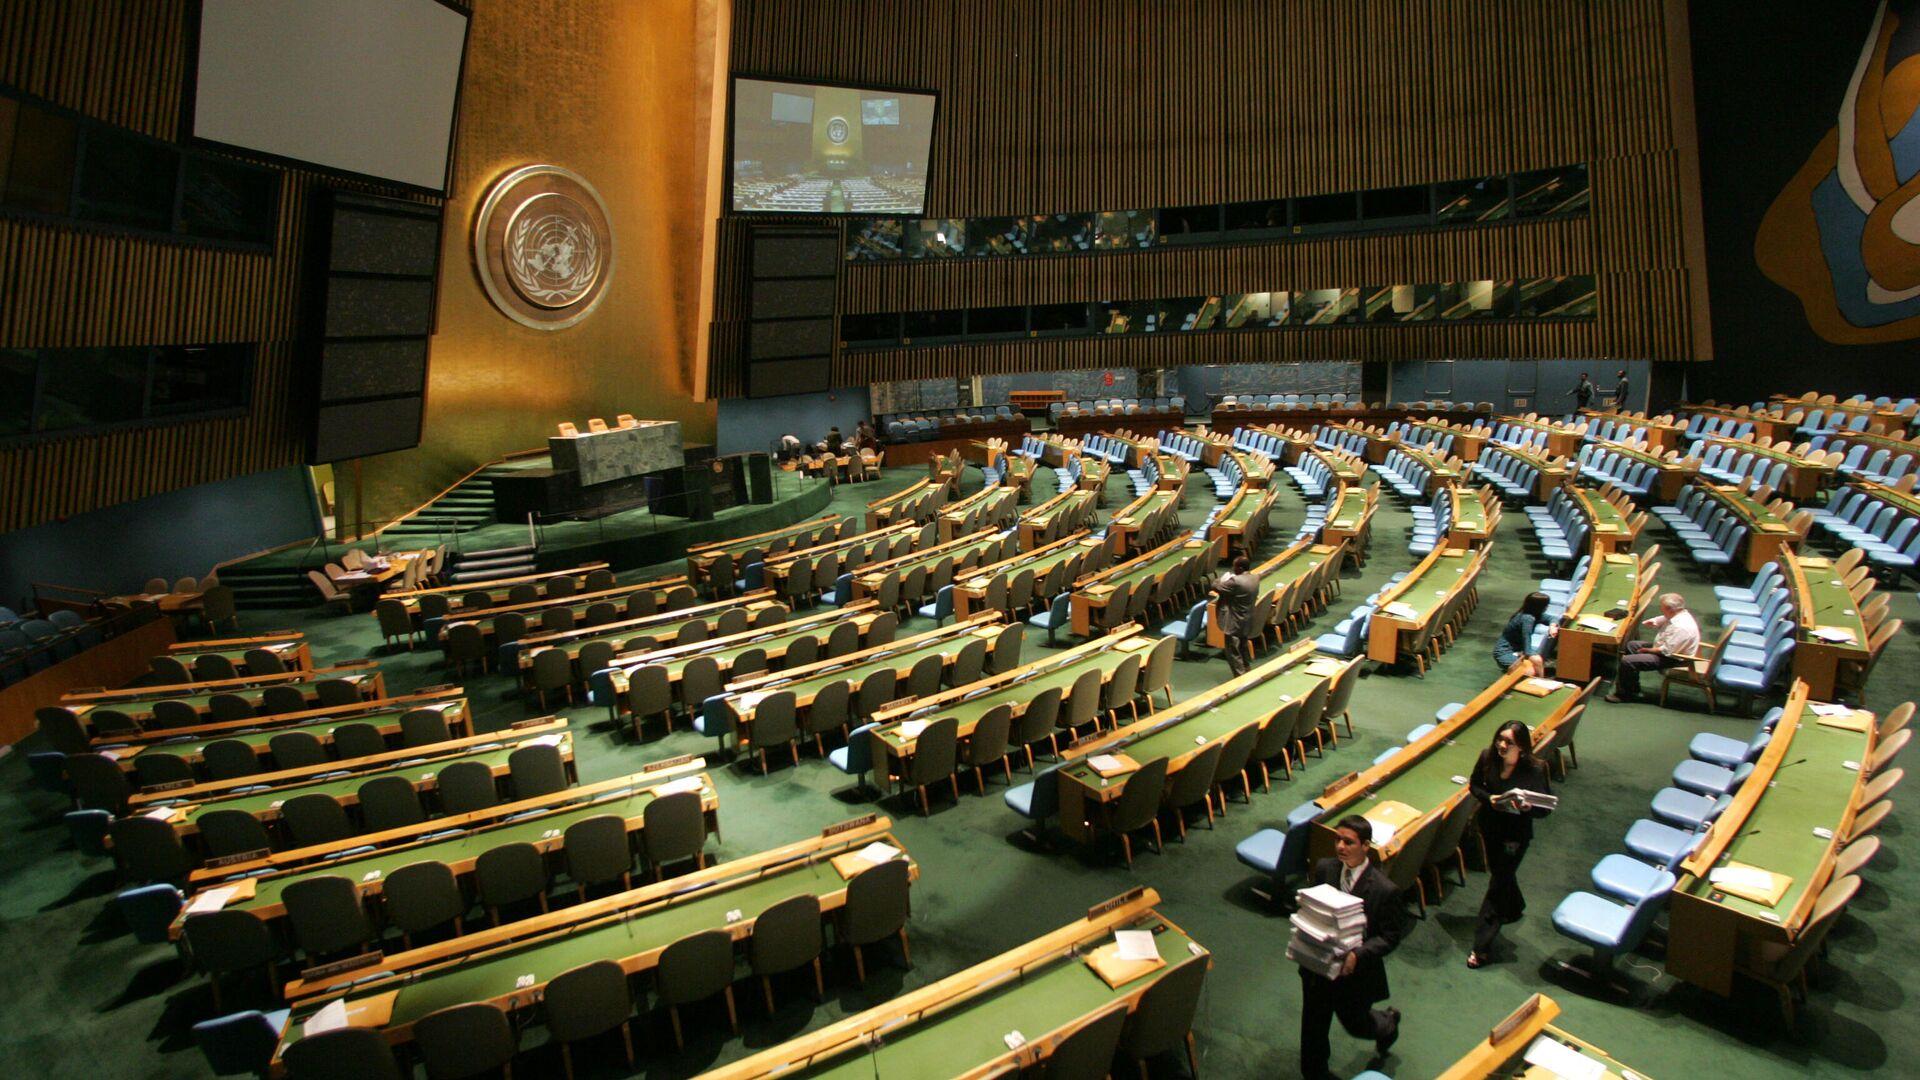 Зал Генассамблеи Организации Объединенных Наций в Нью-Йорке - РИА Новости, 1920, 16.12.2020